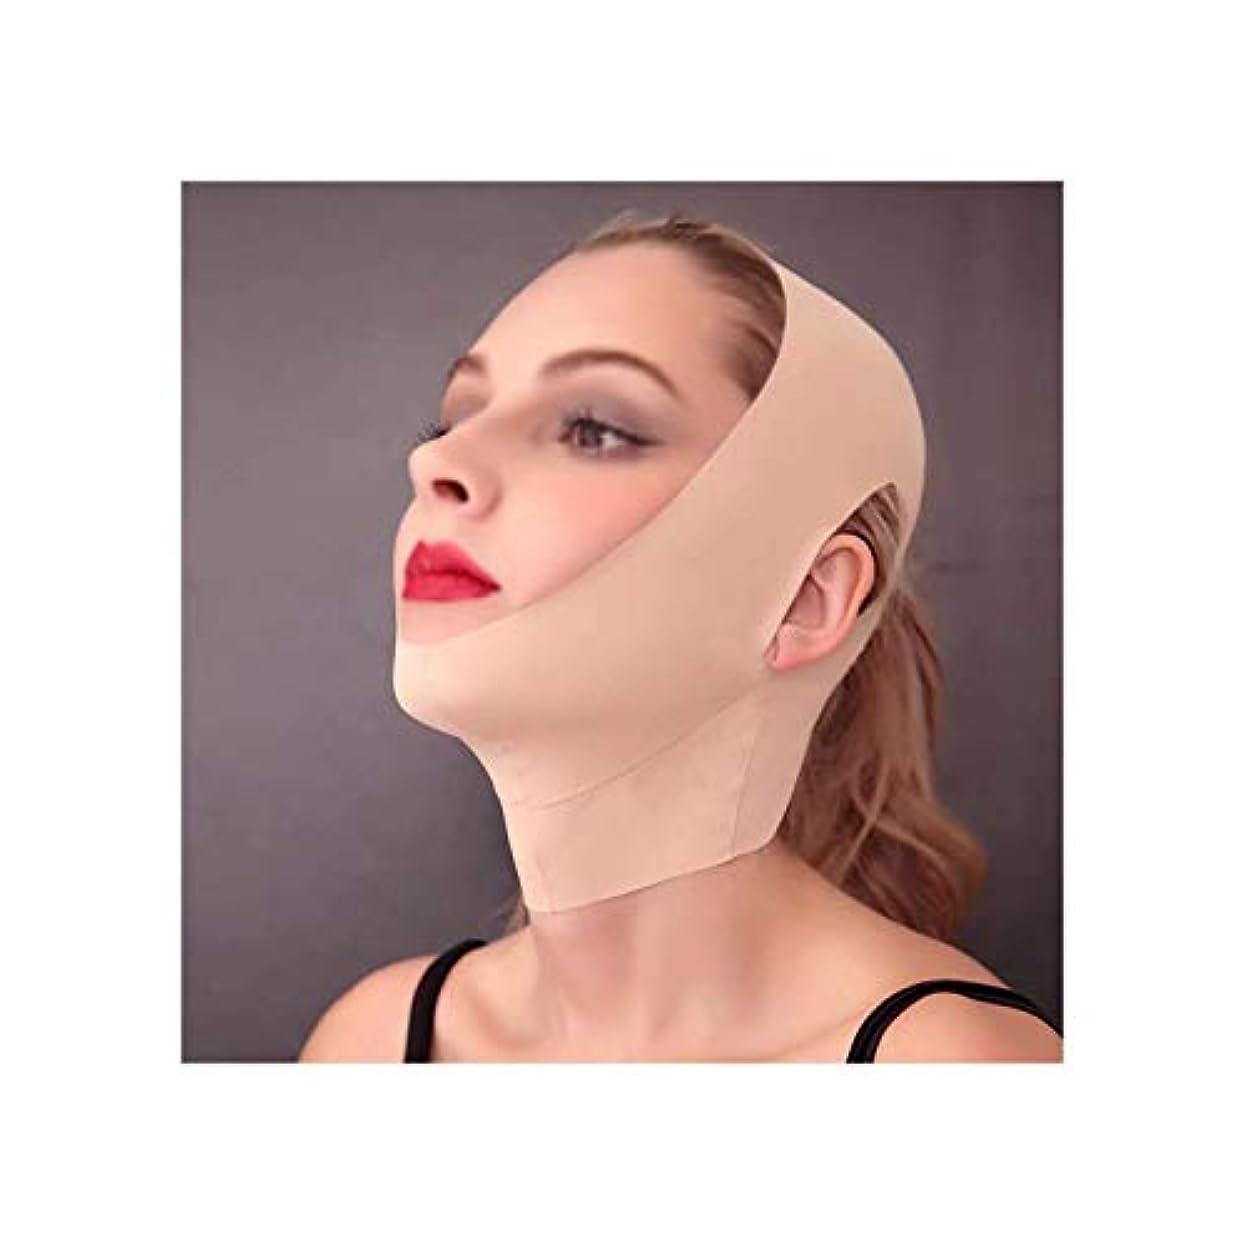 頻繁にぼかし抗議フェイシャルマスク、フェイスリフティングアーティファクト女性男性スリープフェイスVフェイスバンデージマスクリフティングフェイスコレクションファーミングフェイストゥーダブルチンスリミングベルト